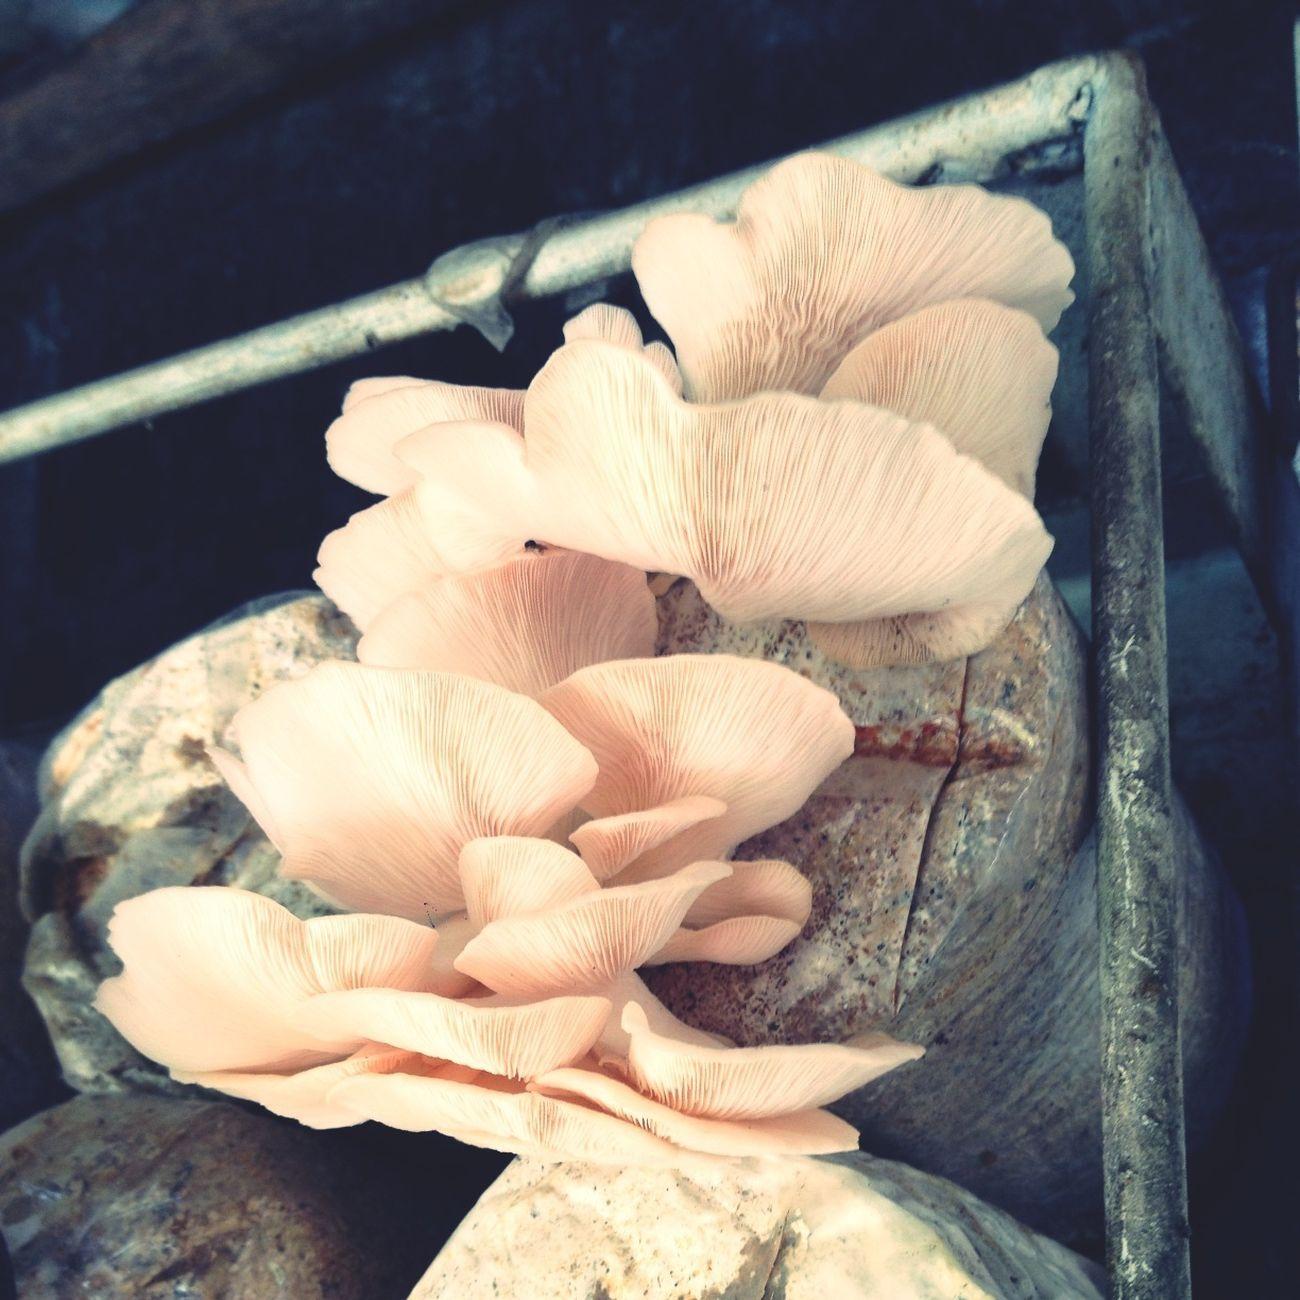 Pink Oysters mushroom